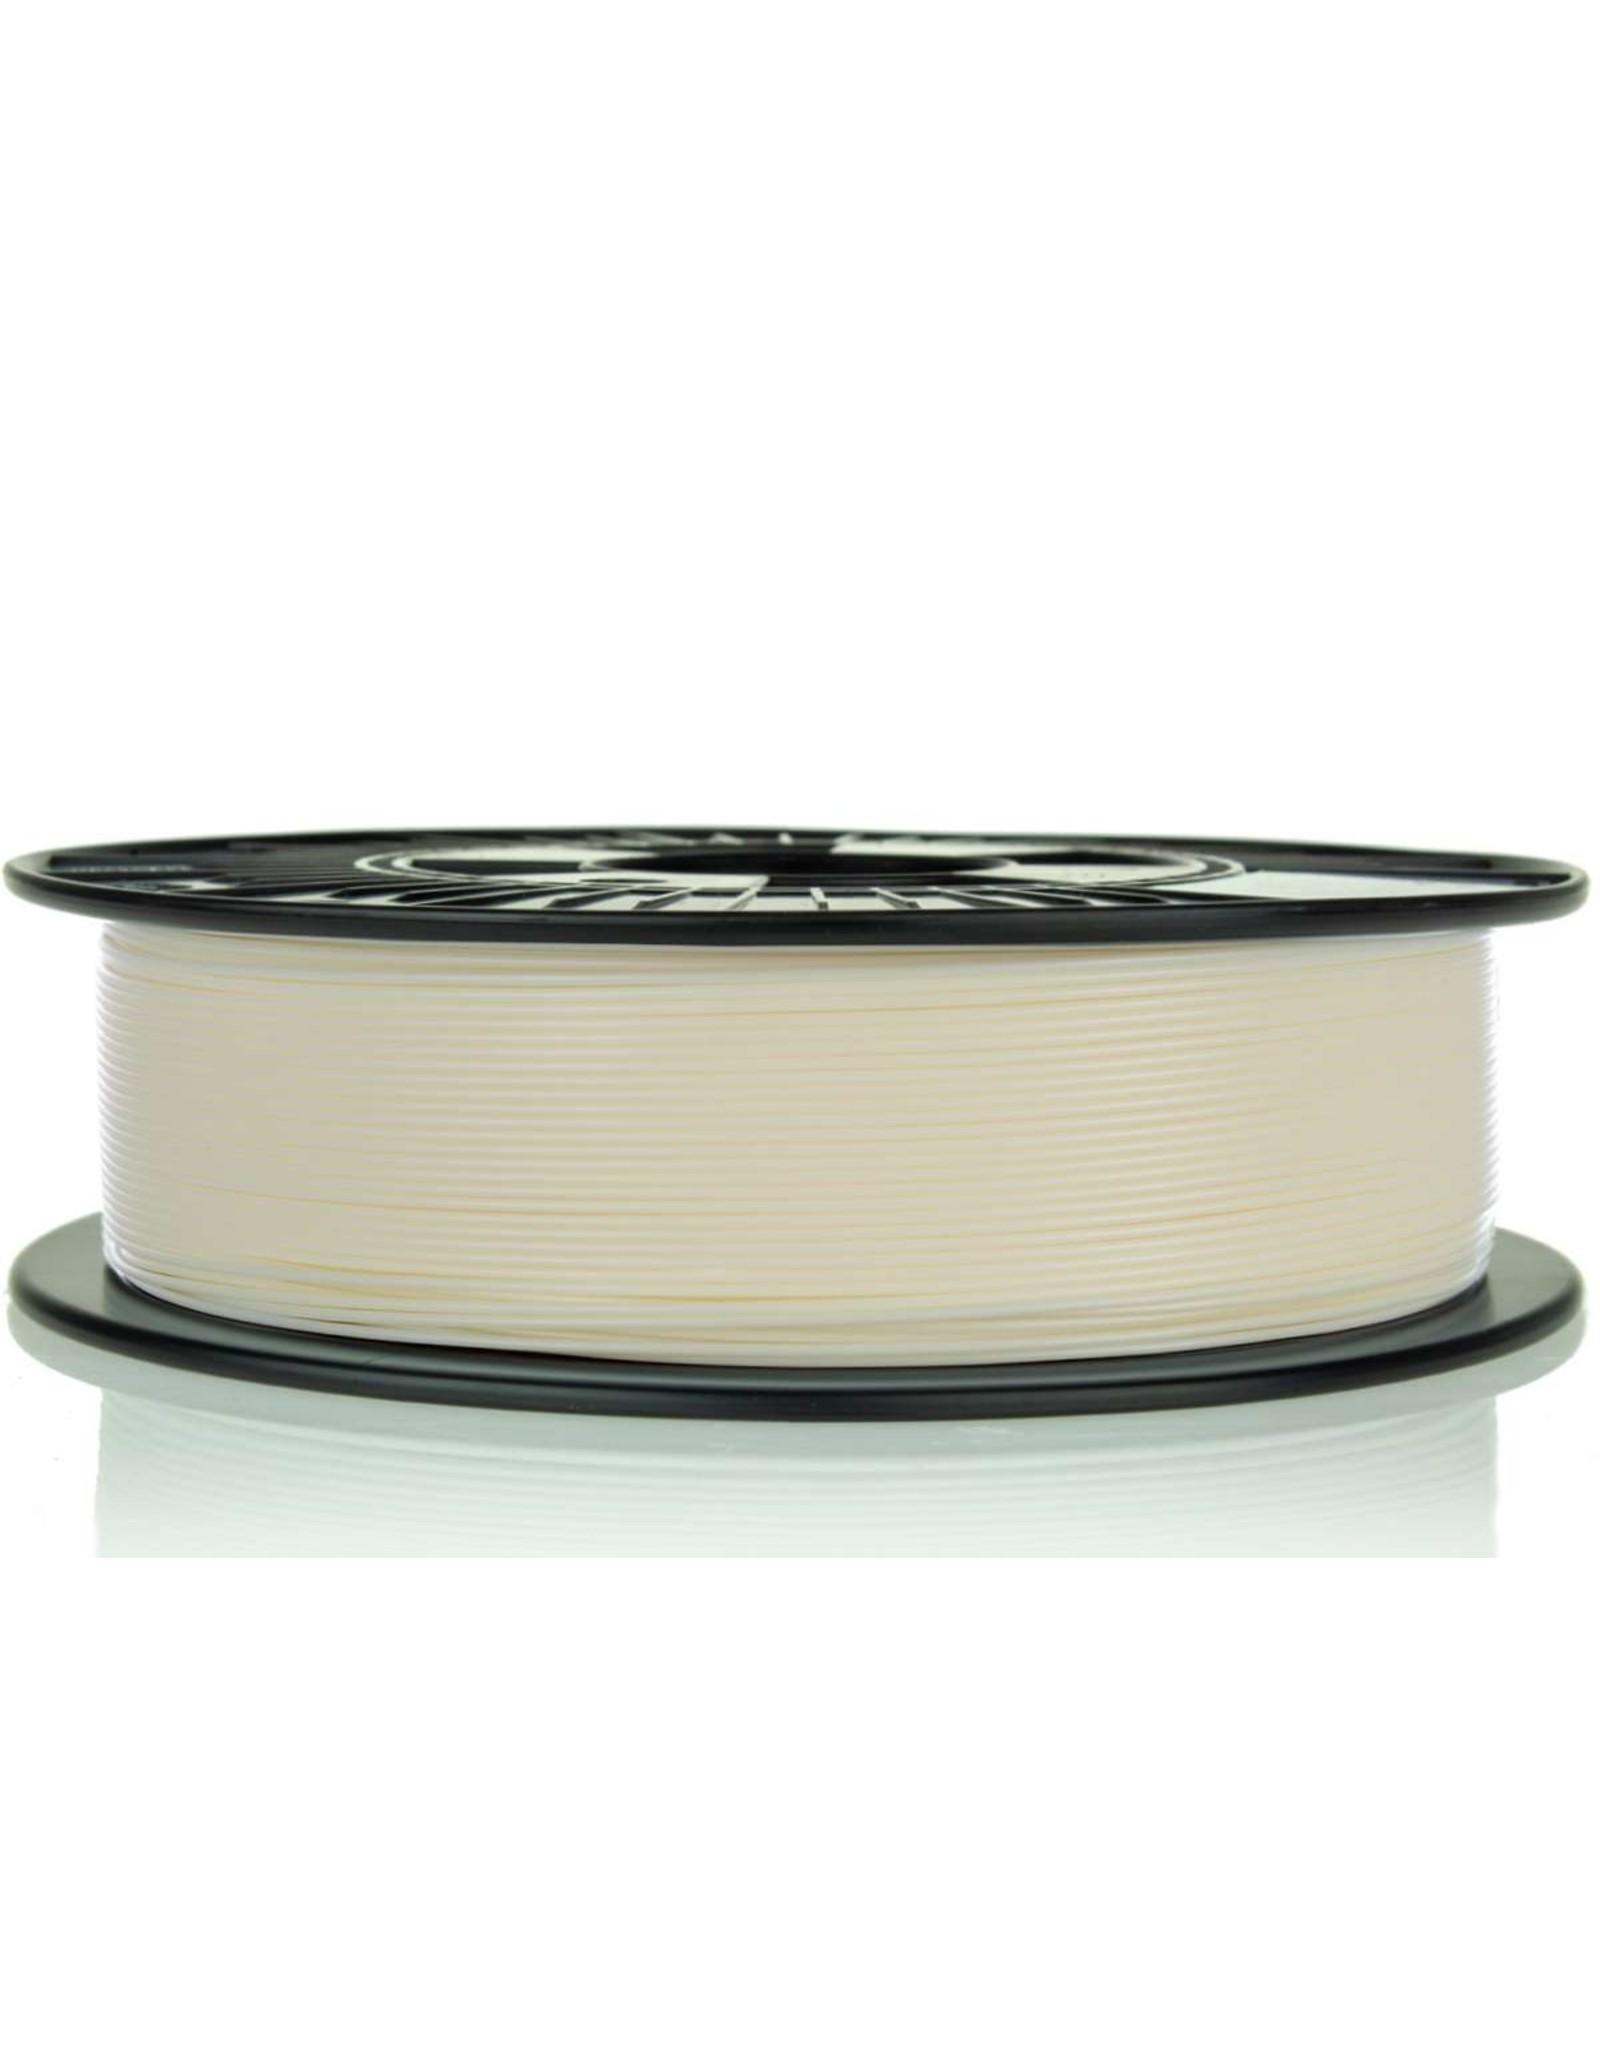 Material4Print ASA Filament 3mm 1kg - Natural